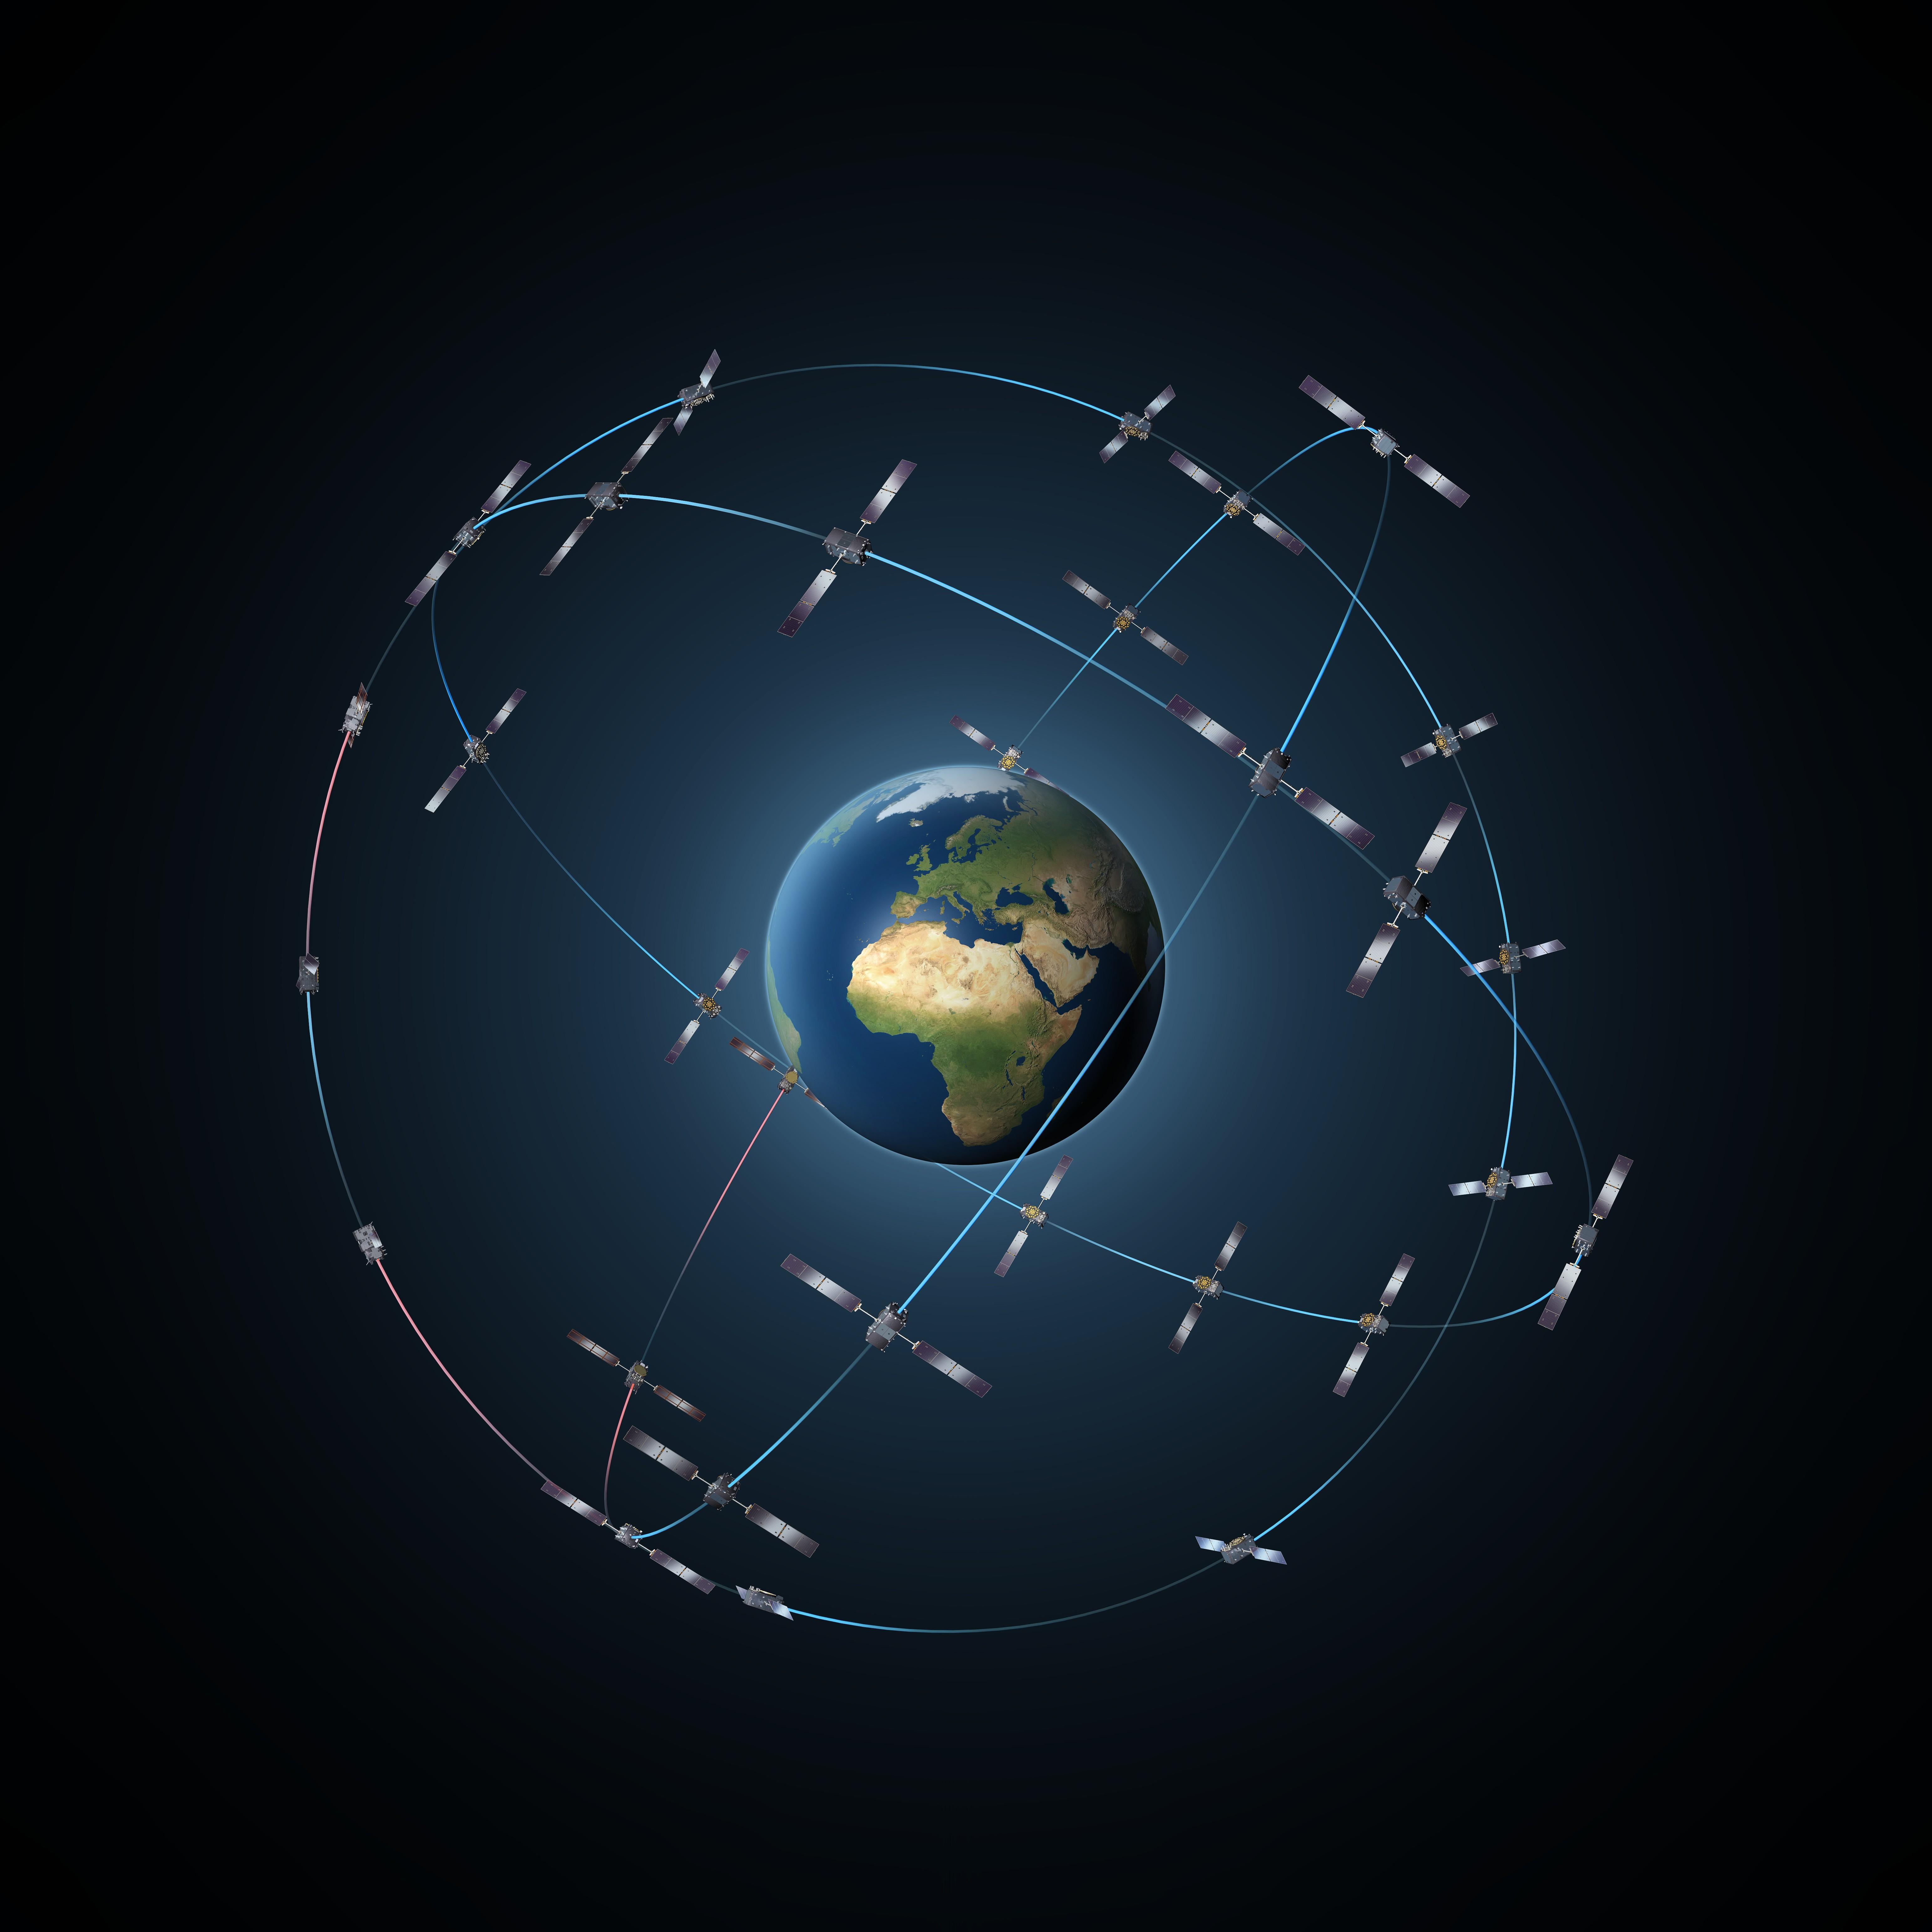 Svenskt företag utvecklar tjänst kopplat till Galileo-satelliterna